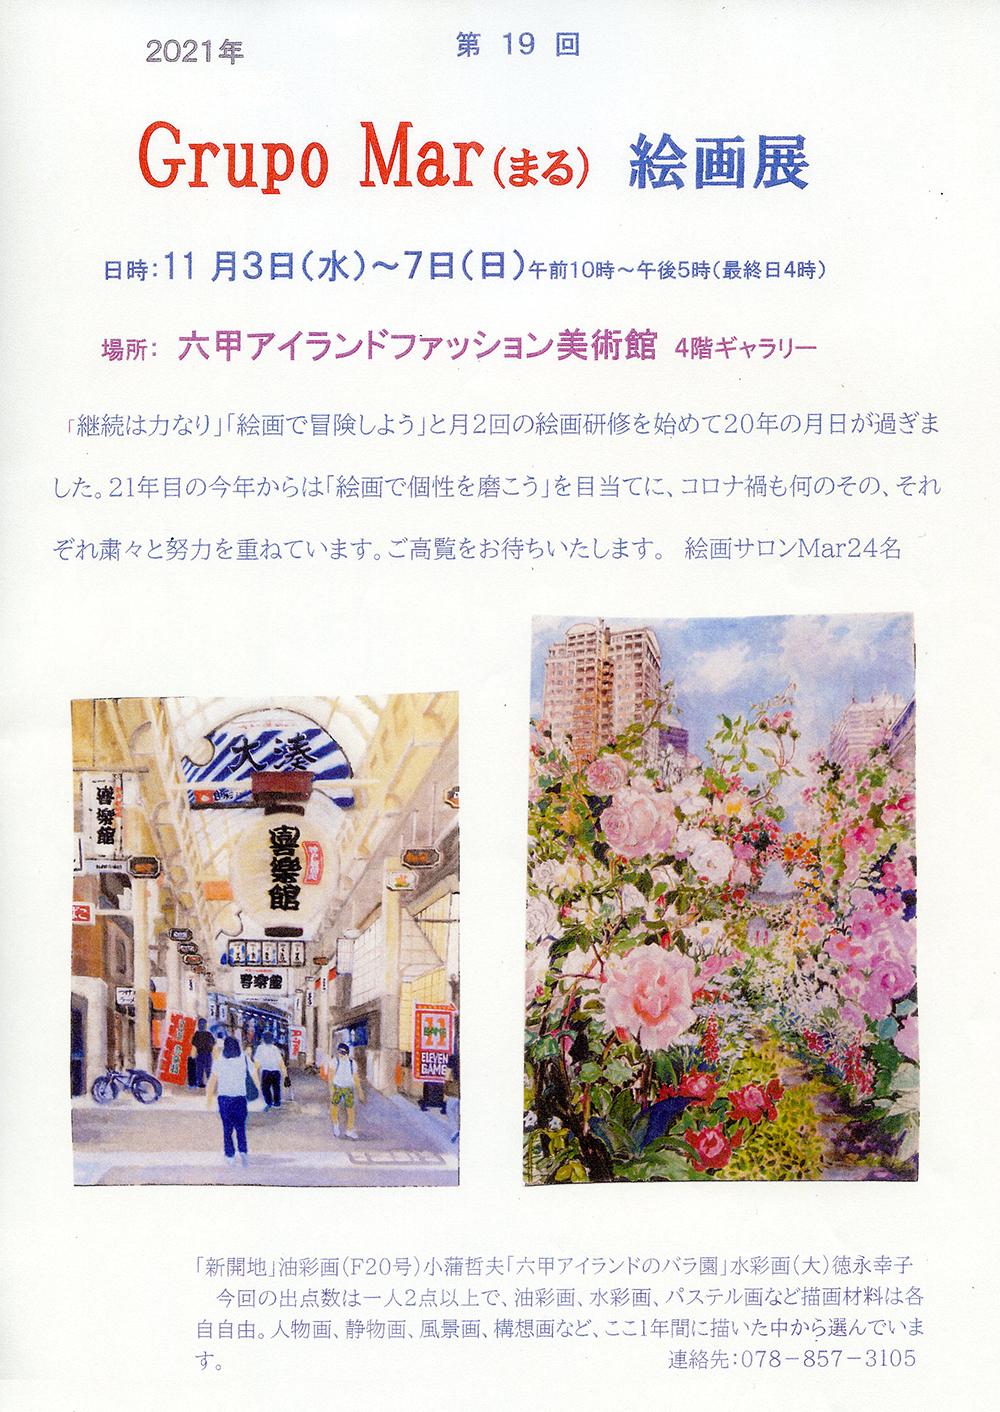 【ギャラリー情報】11/3(水・祝)~ 7(日) 「第19回 Grupo  Mar(まる)絵画展」開催!